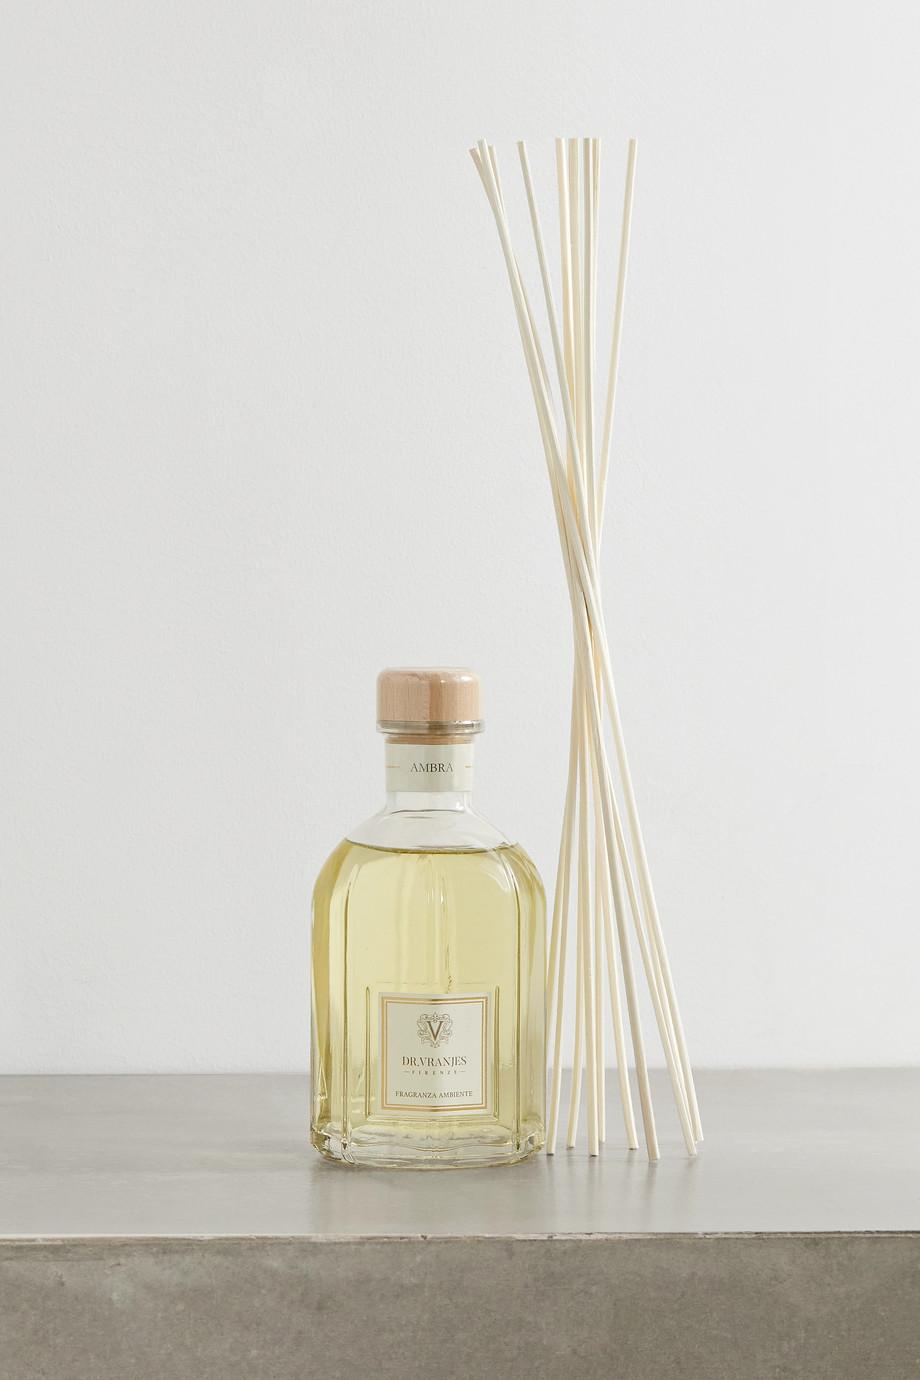 Dr. Vranjes Firenze Diffuseur de parfum, Ambra, 500 ml